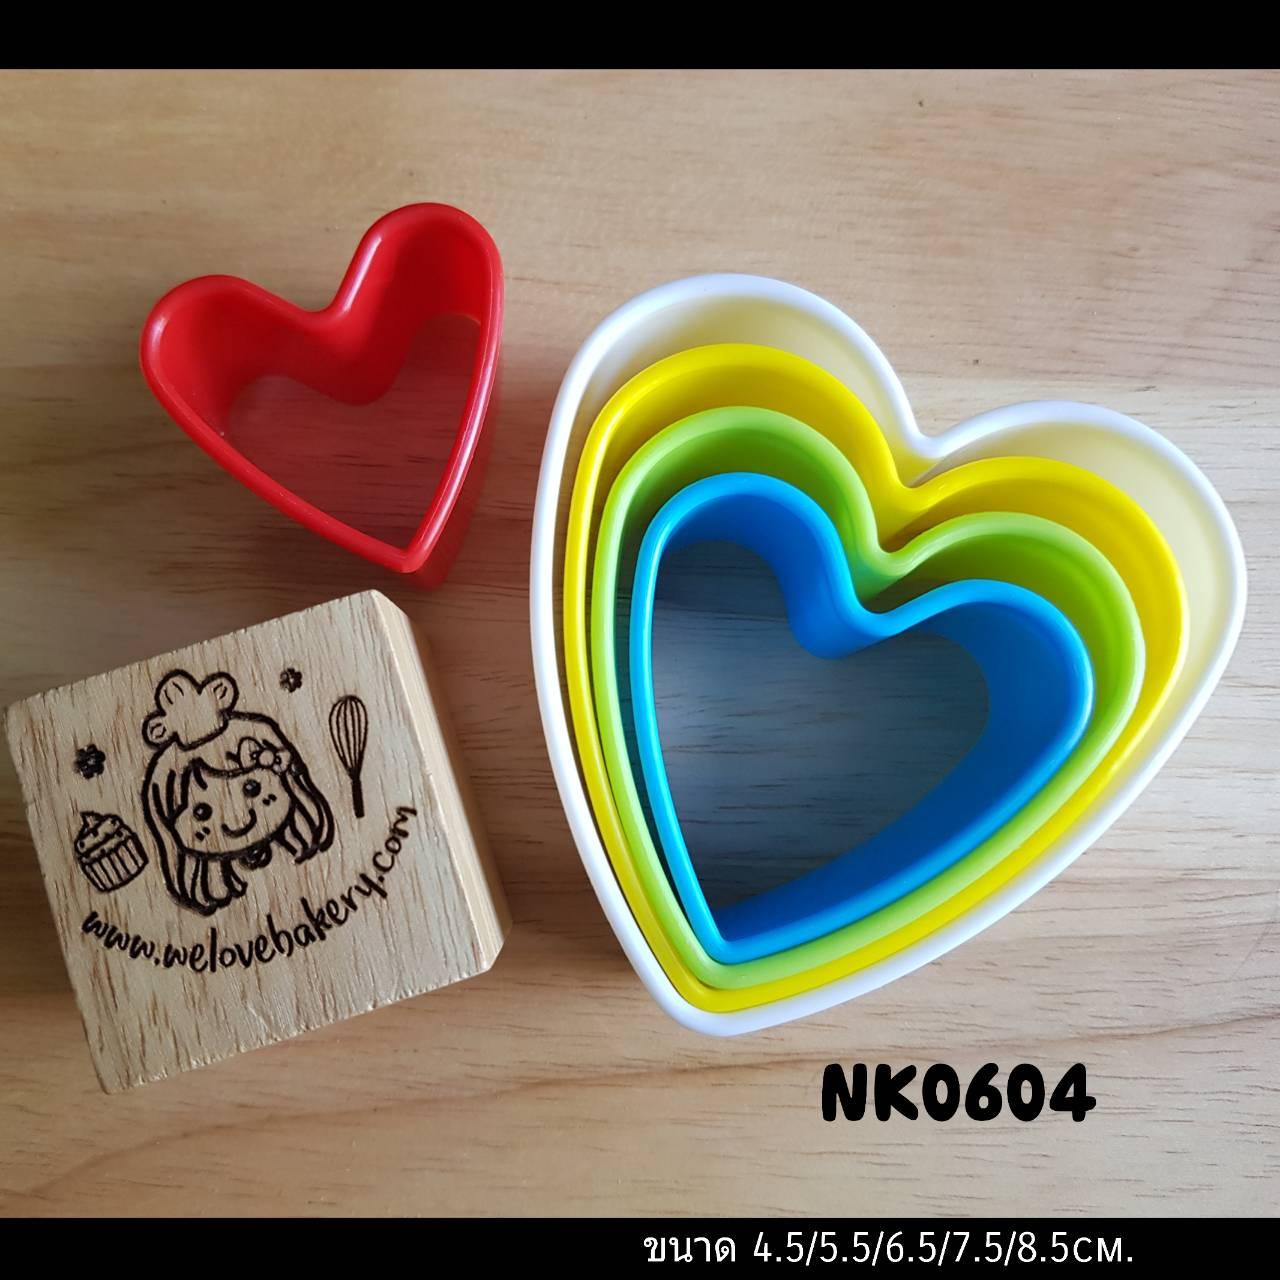 พิมพ์กดคุกกี้ ลายหัวใจ 5 ชิ้น (พลาสติก)